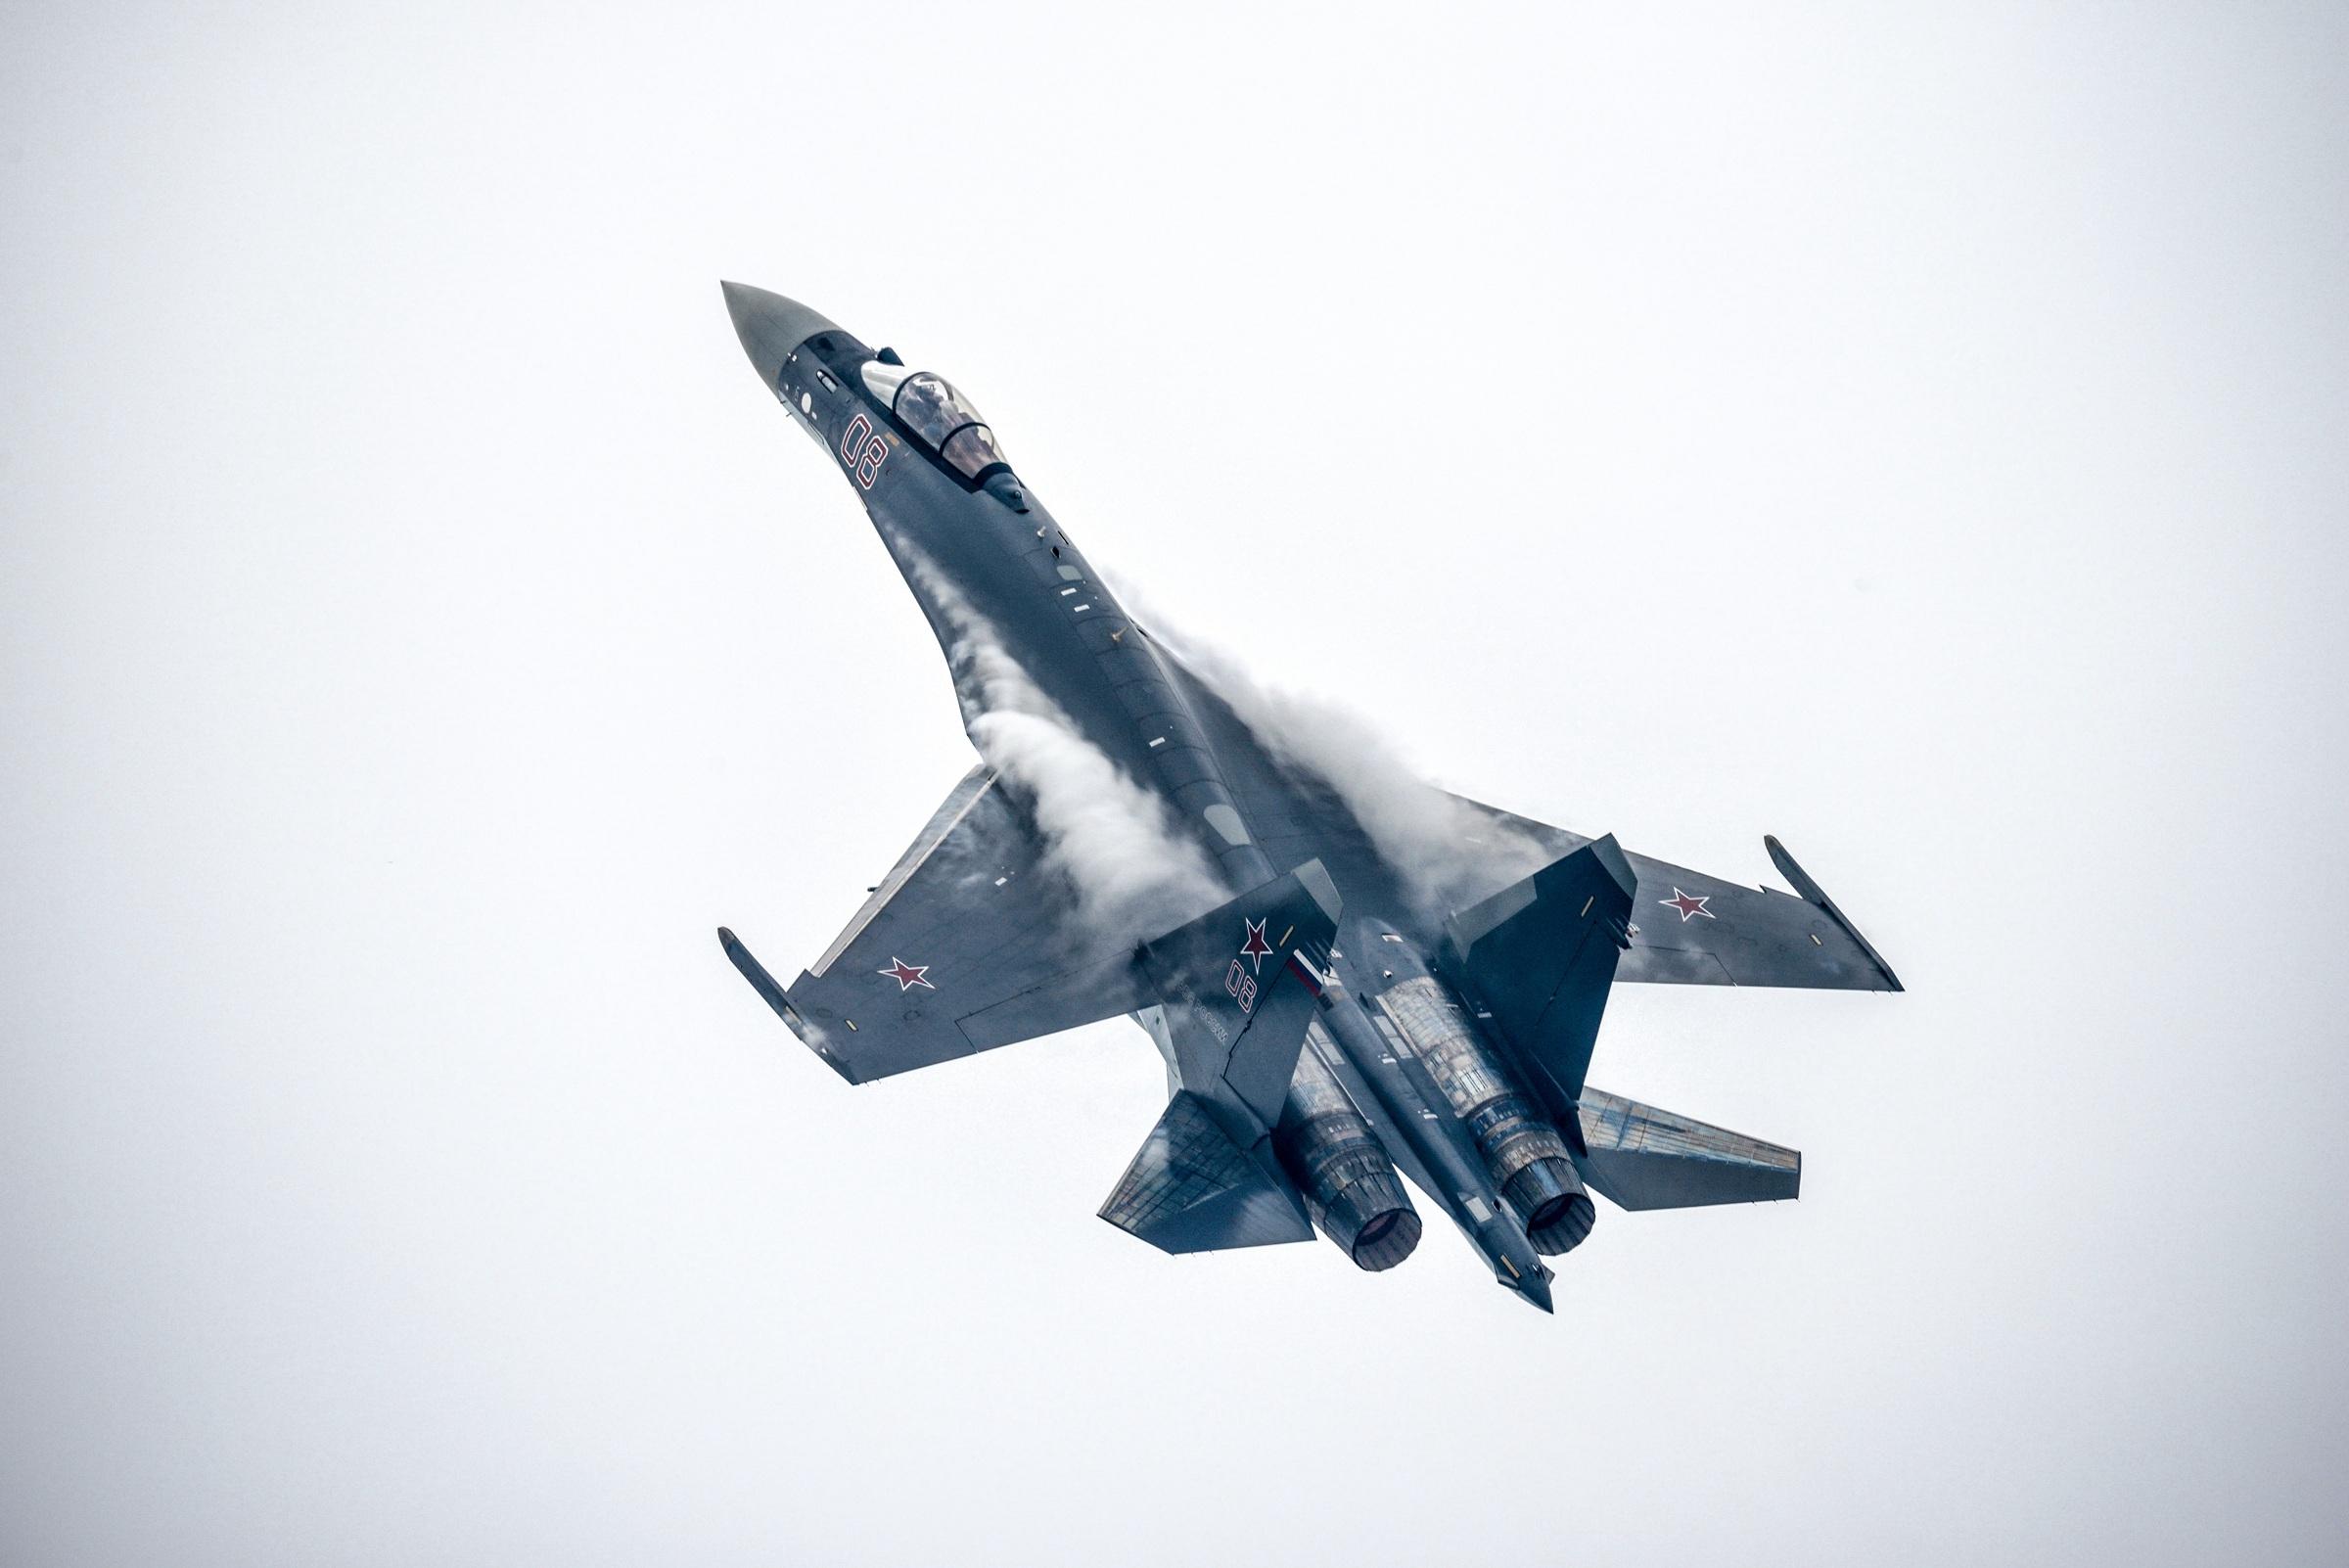 多年,技术可靠稳定.可将使解放军空军作战水平直接领先周边国家和